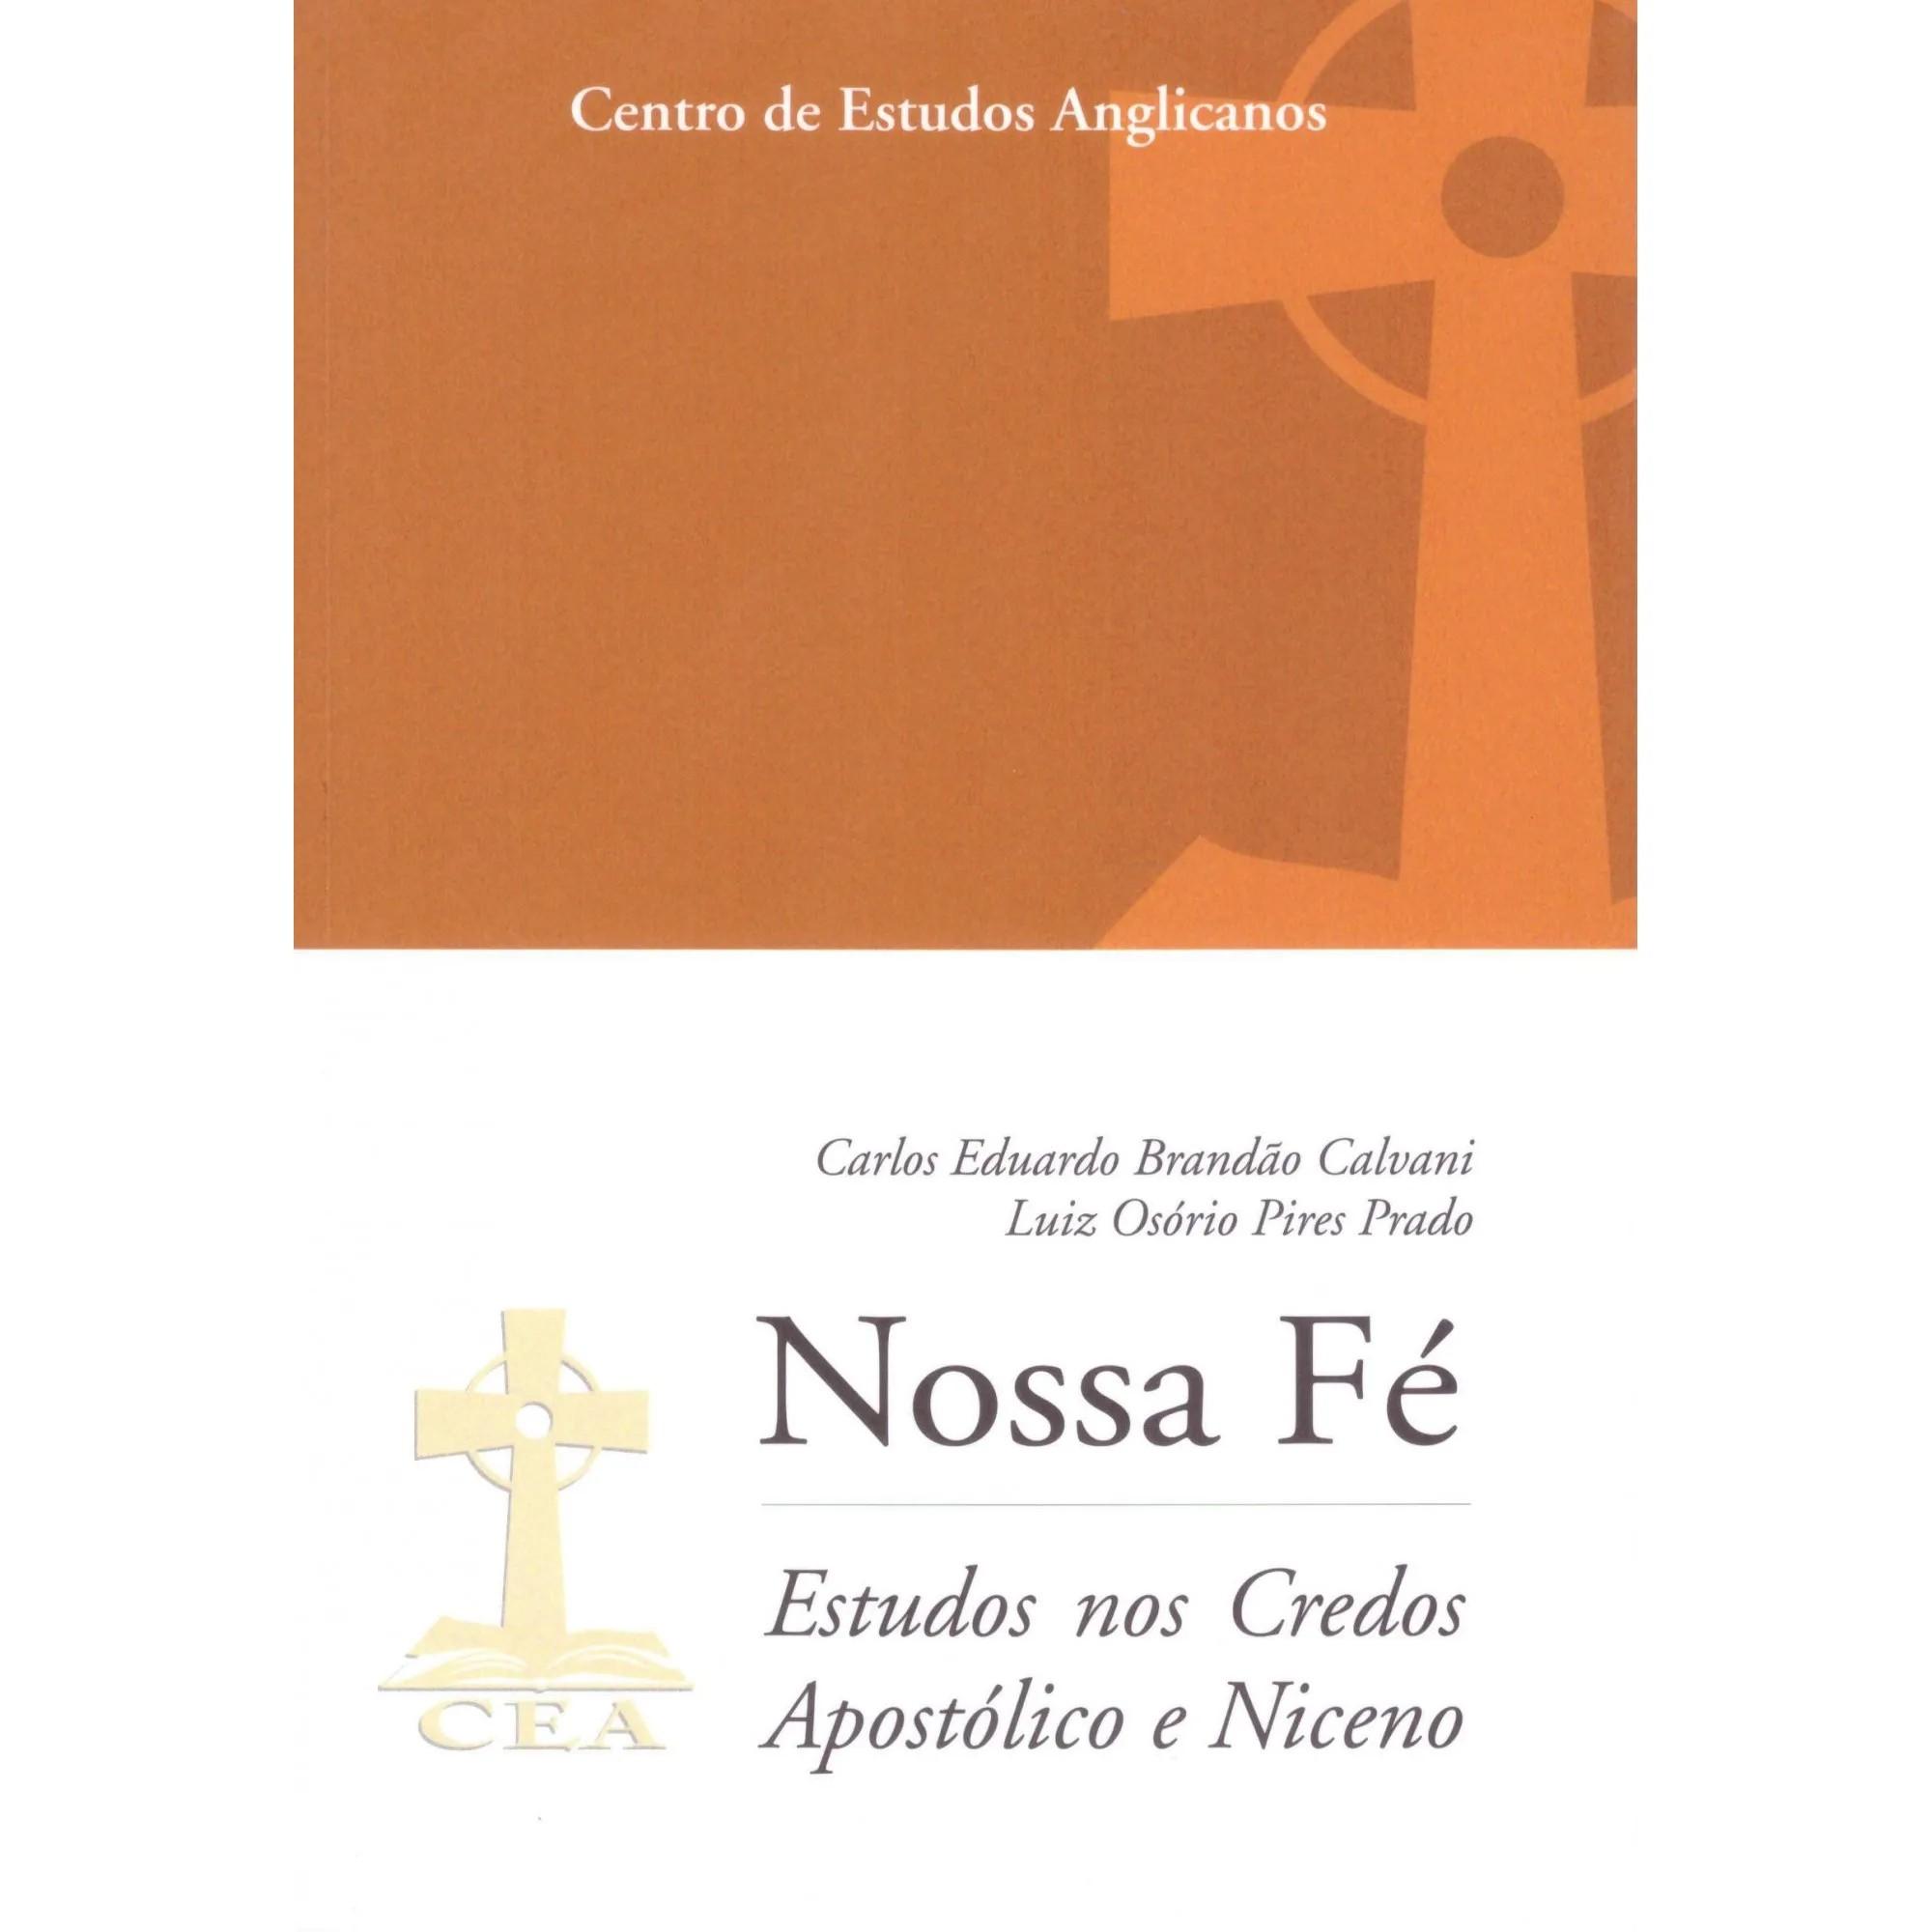 Nossa fé: Estudos nos Credos Apostólicos e Niceno